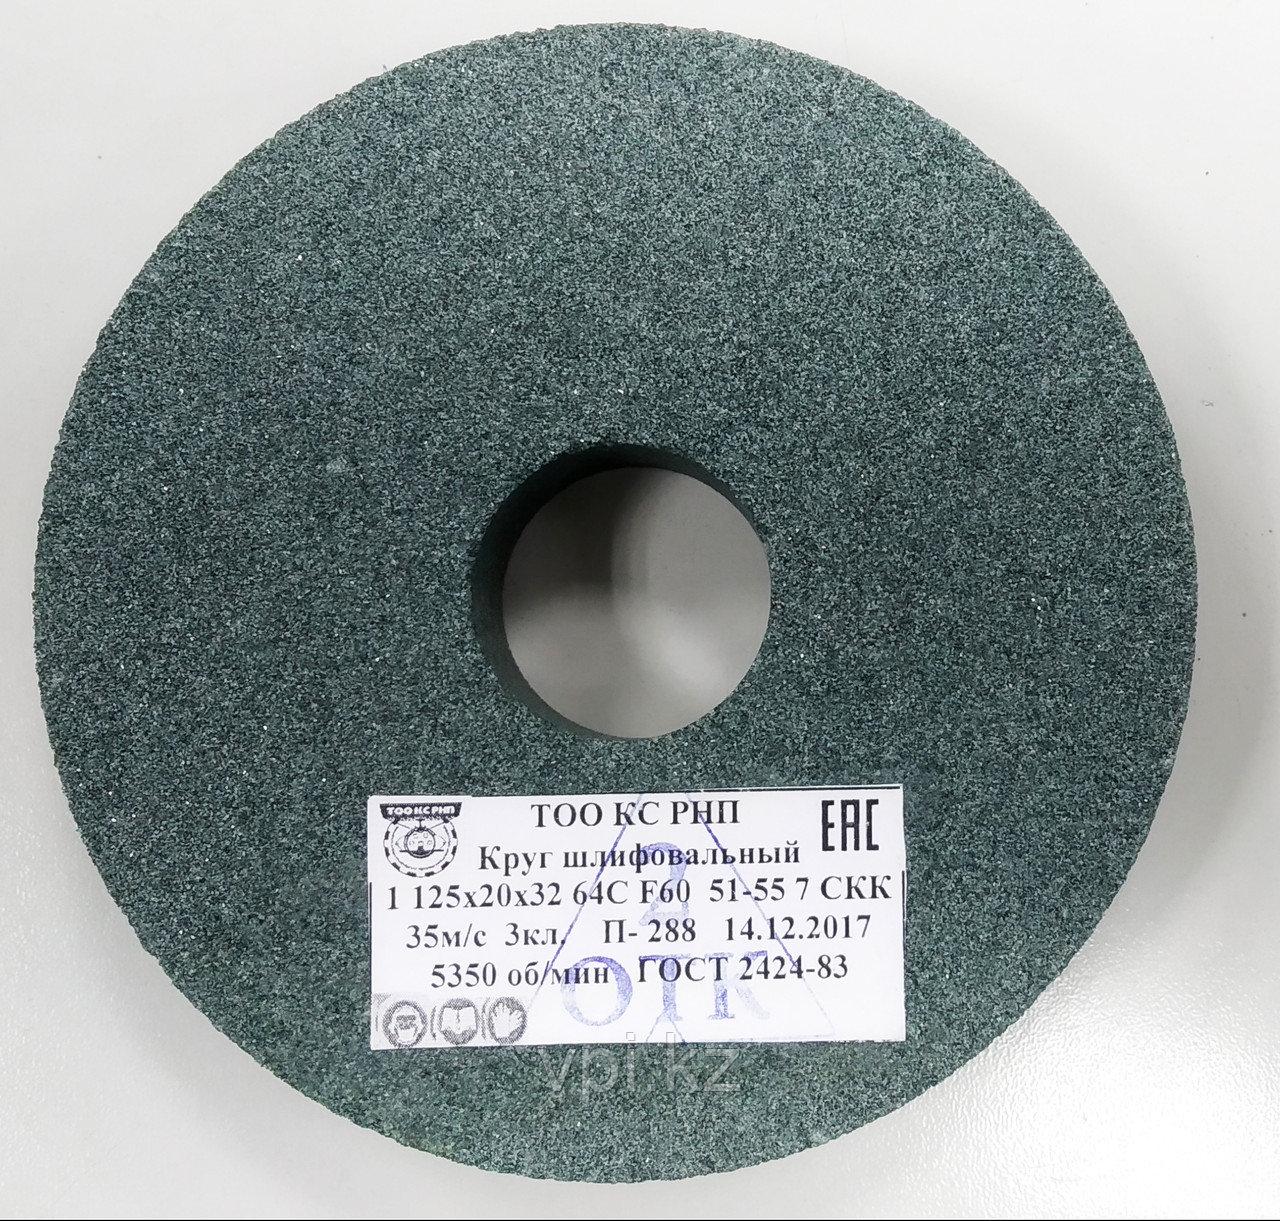 Круг абразивный шлифовальный (заточной) зеленый  125*20*32 КС РНП